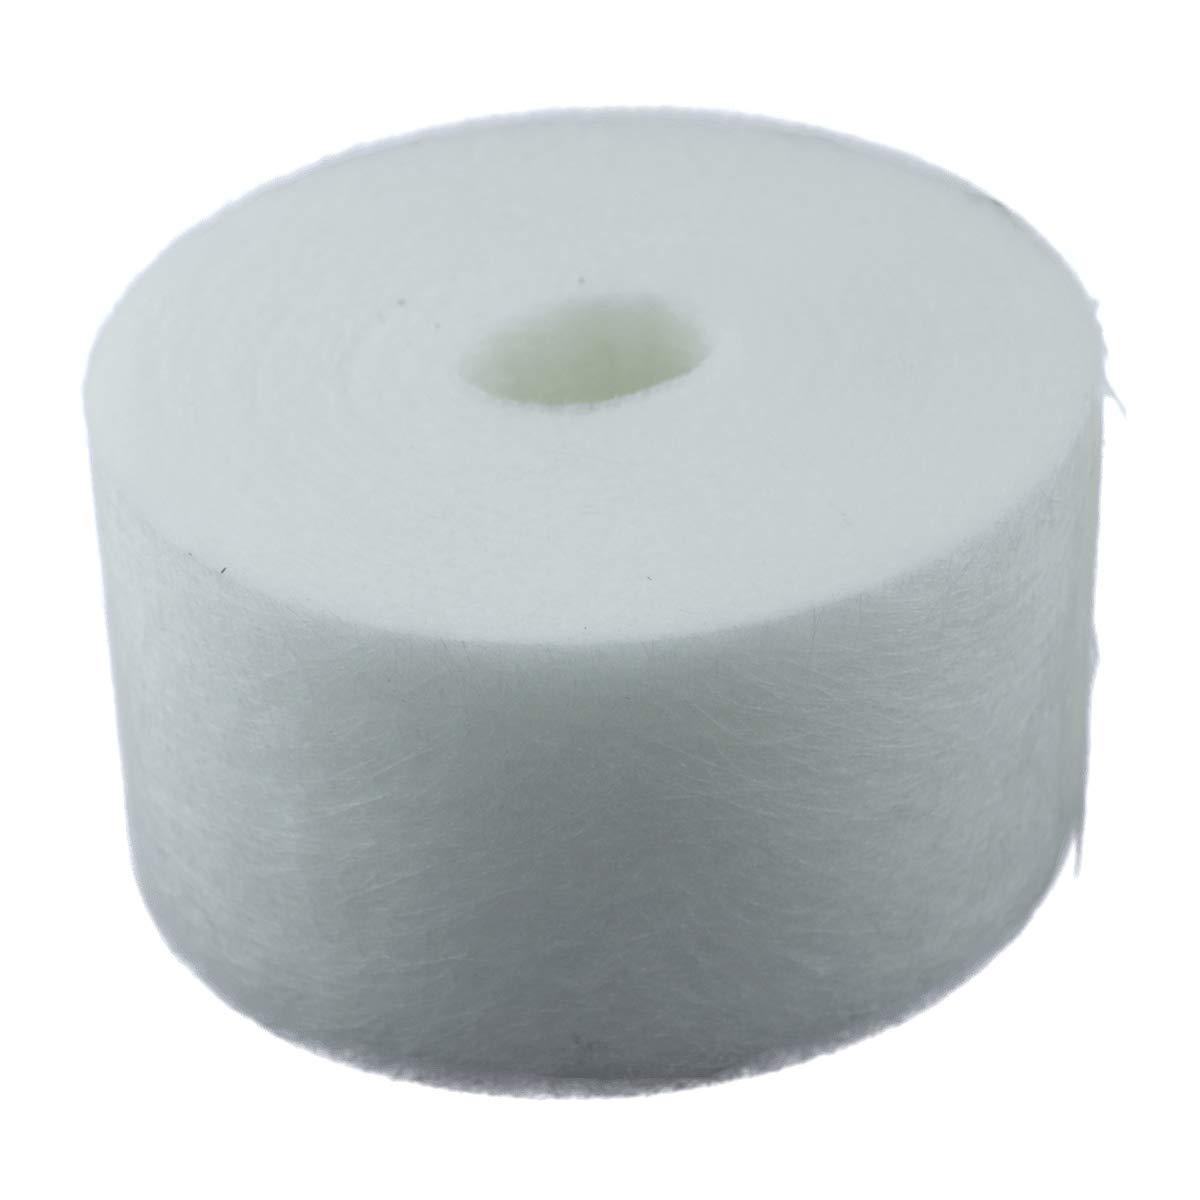 zum l/ückenlosen Verspachteln von Fugen Bewehrungsstreifen zum Verfugen von Gipskarton-Platten Fugendeckstreifen Glasfaser 50mm x 25m 40